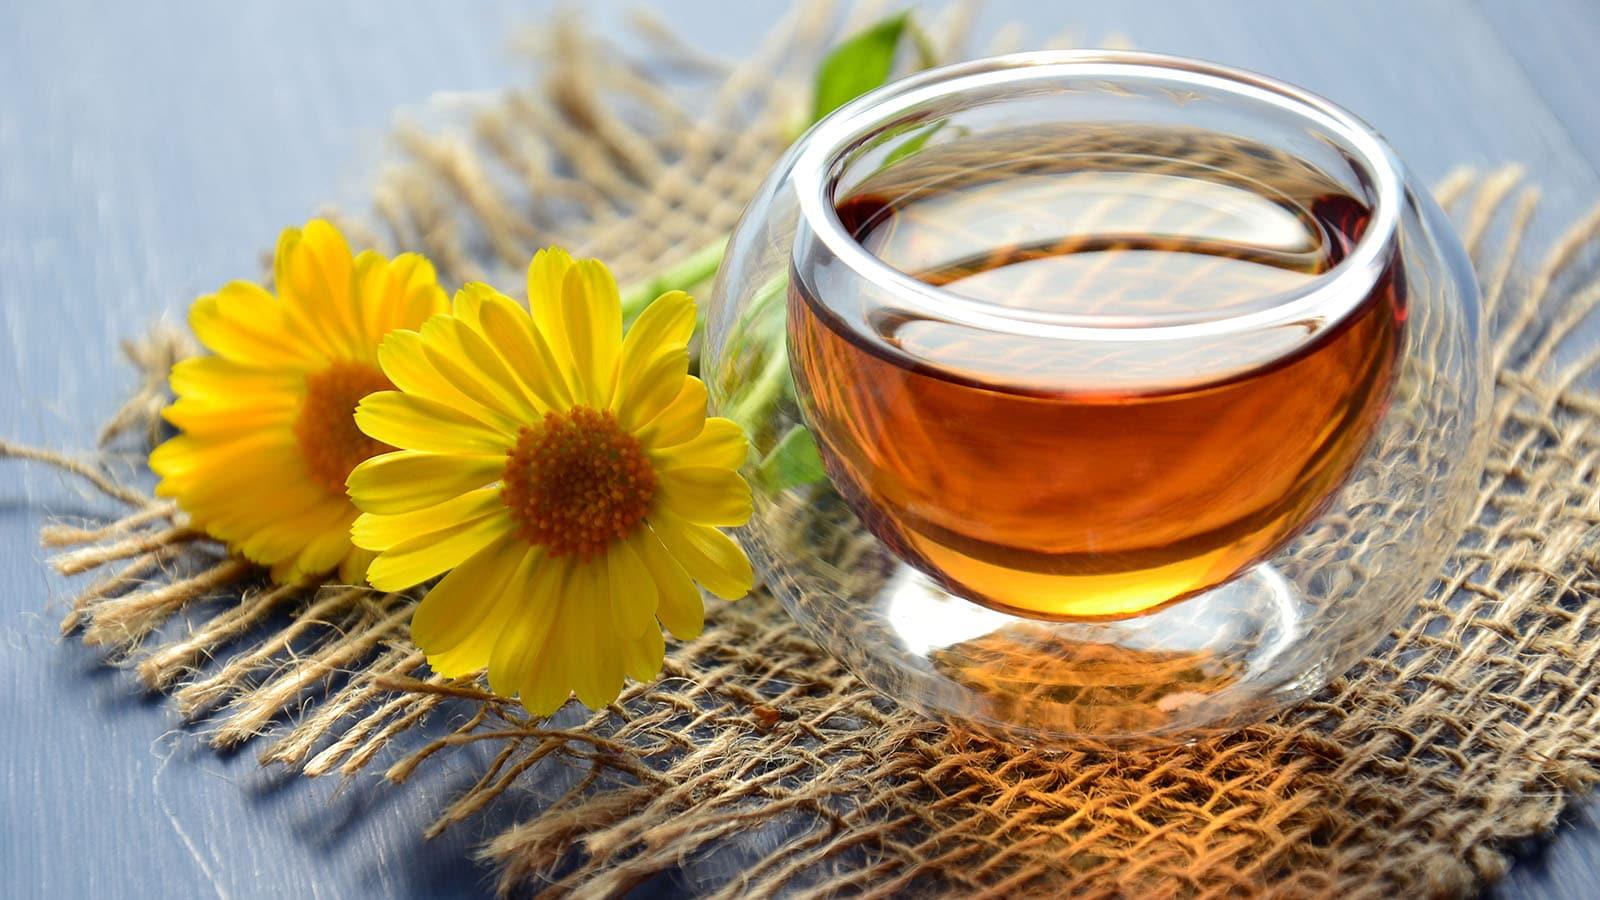 miel-notredamedemonts-vendee